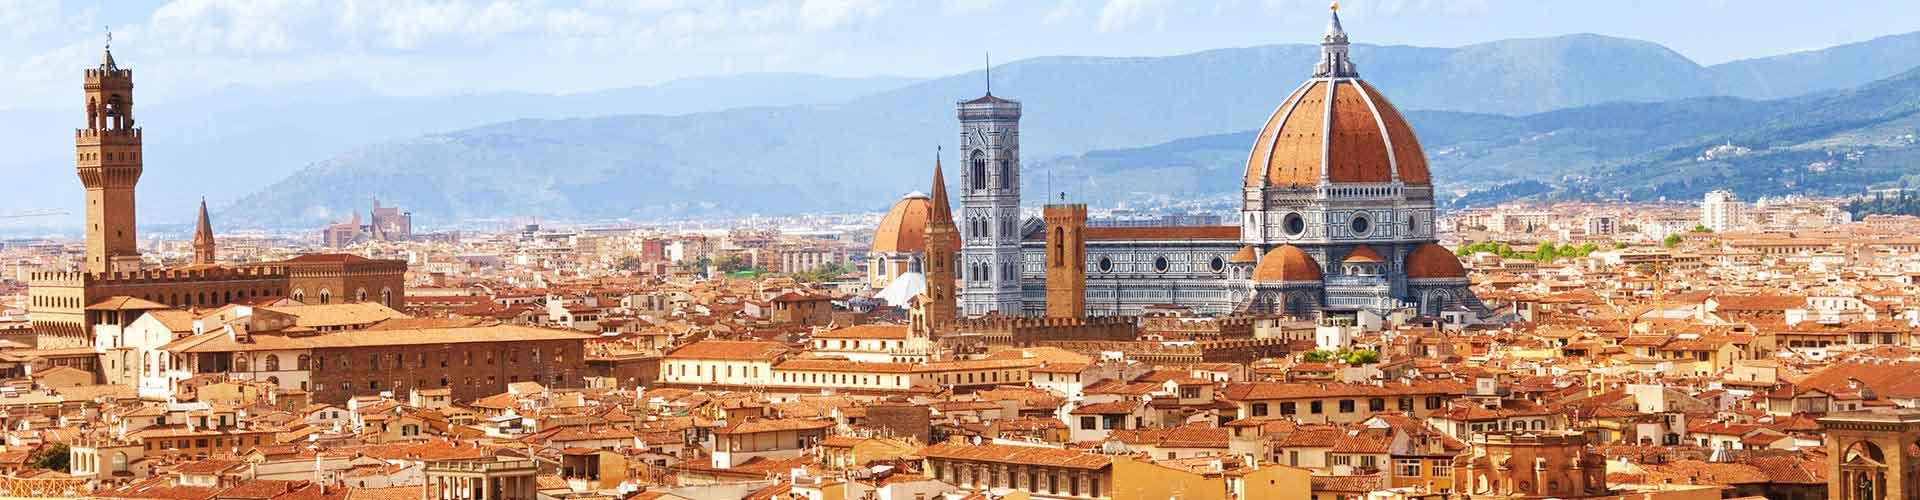 Florencia - Hoteles baratos en el distrito Salviatino. Mapas de Florencia, Fotos y comentarios de cada Hotel barato en Florencia.